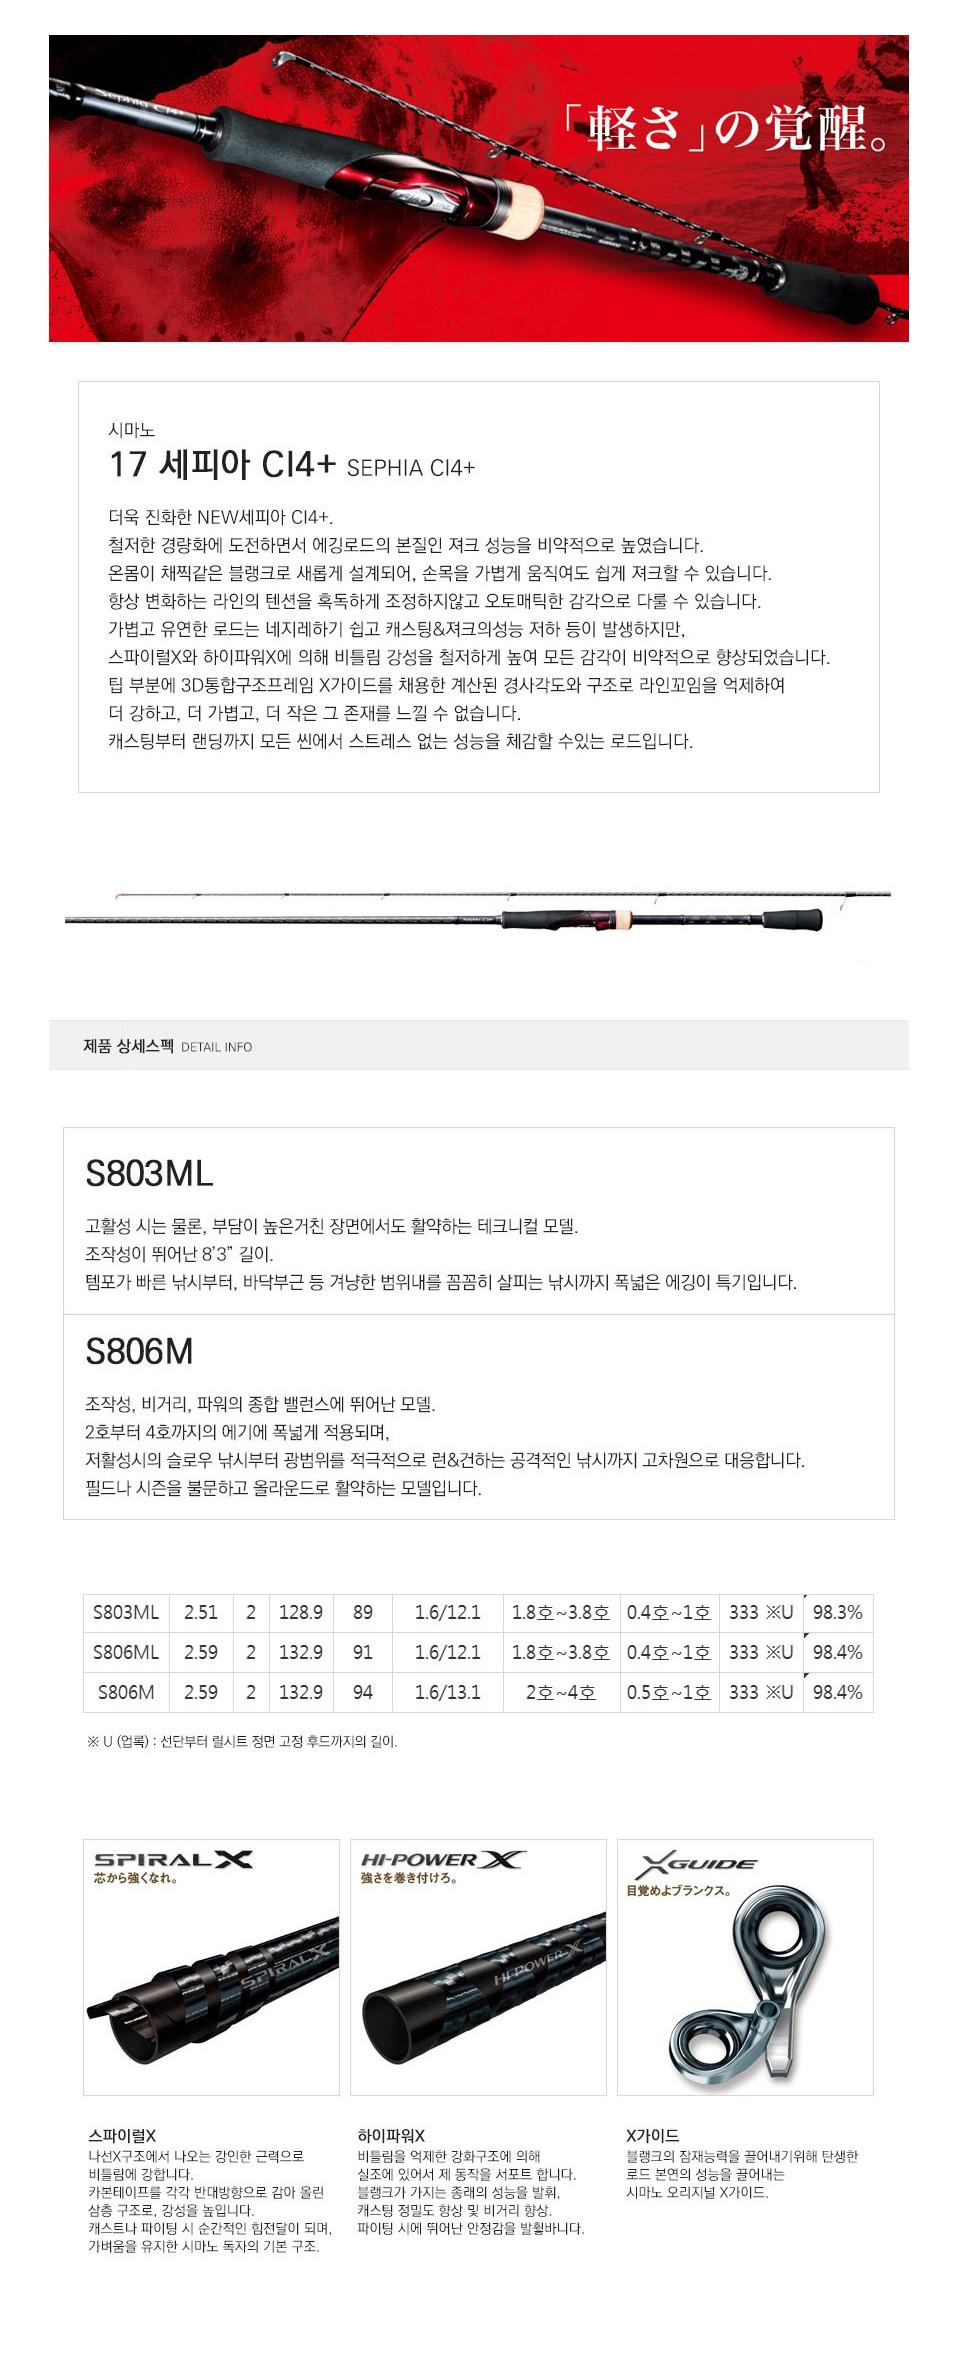 시마노 세피아 CI4+ 윤성정품 (17) 에깅루어대 에깅낚시대 에깅 시마노에깅 시마노에깅낚시대 무늬오징어 무늬오징어낚시대 에깅루어대 무늬오징어루어대